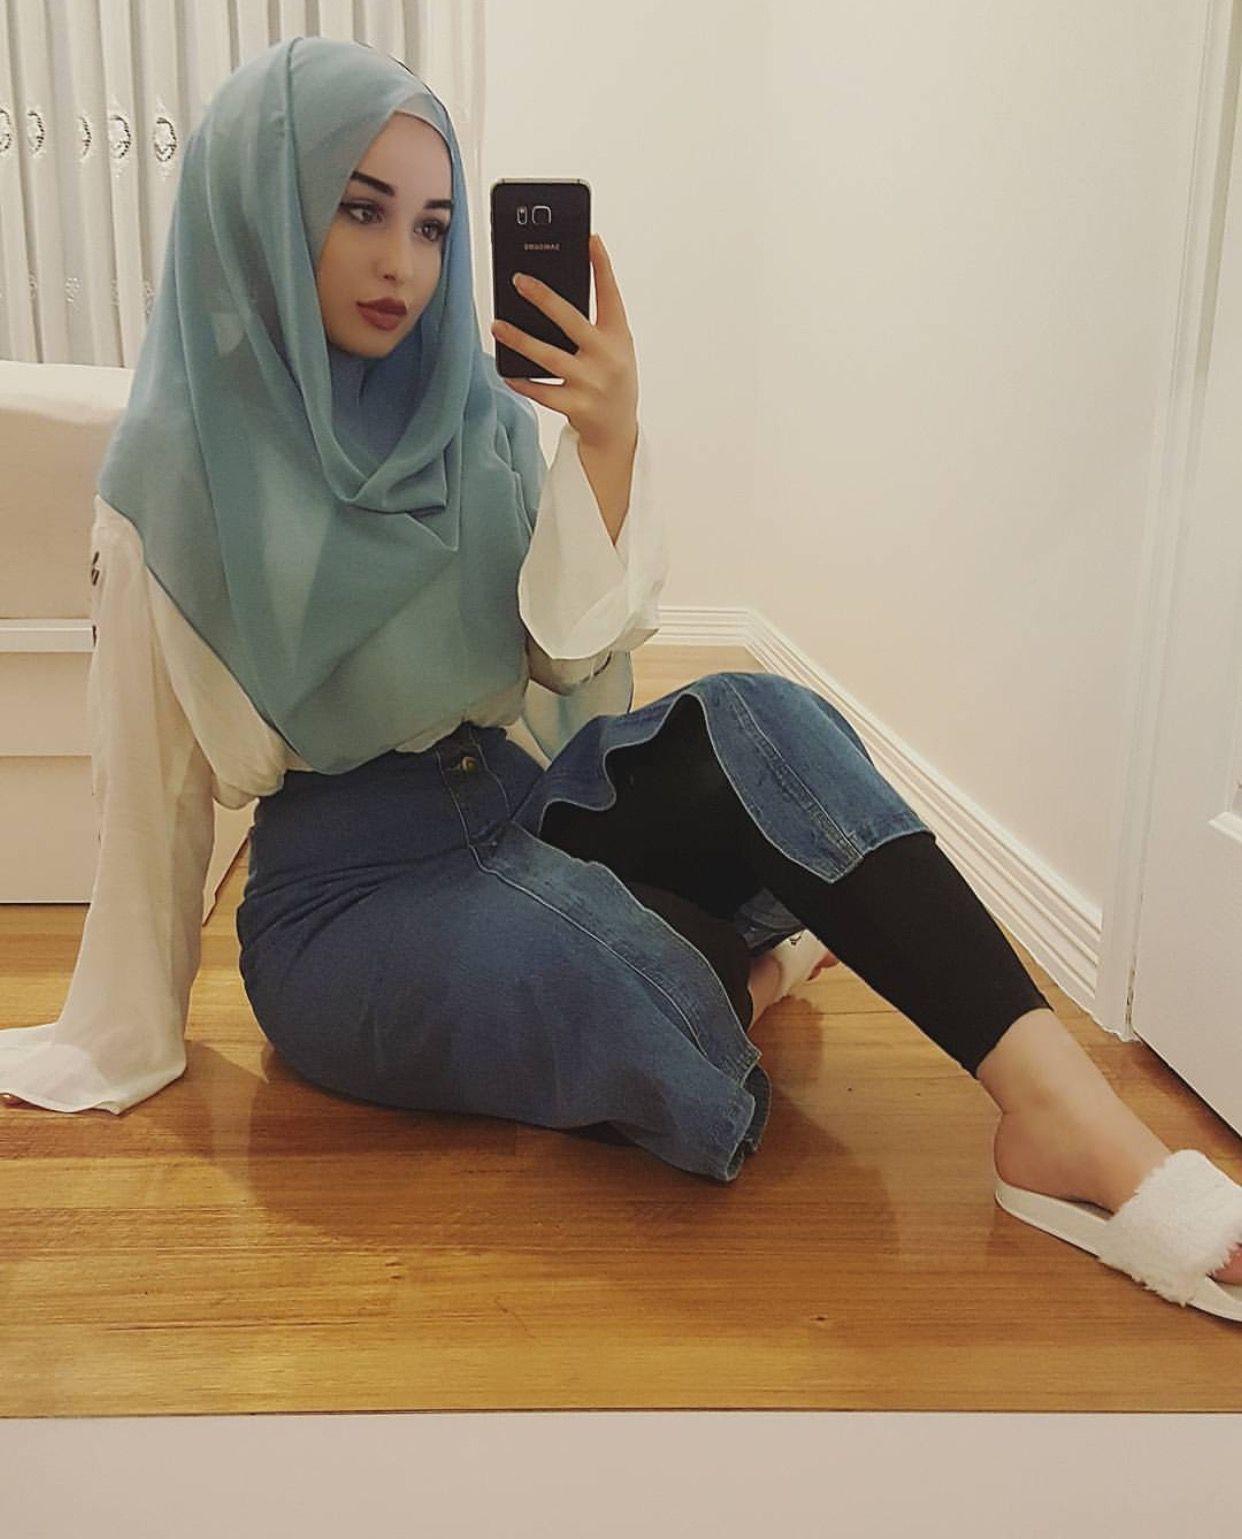 Sarahbeauty19 Pinterest Adarkurdish Persia In 2019